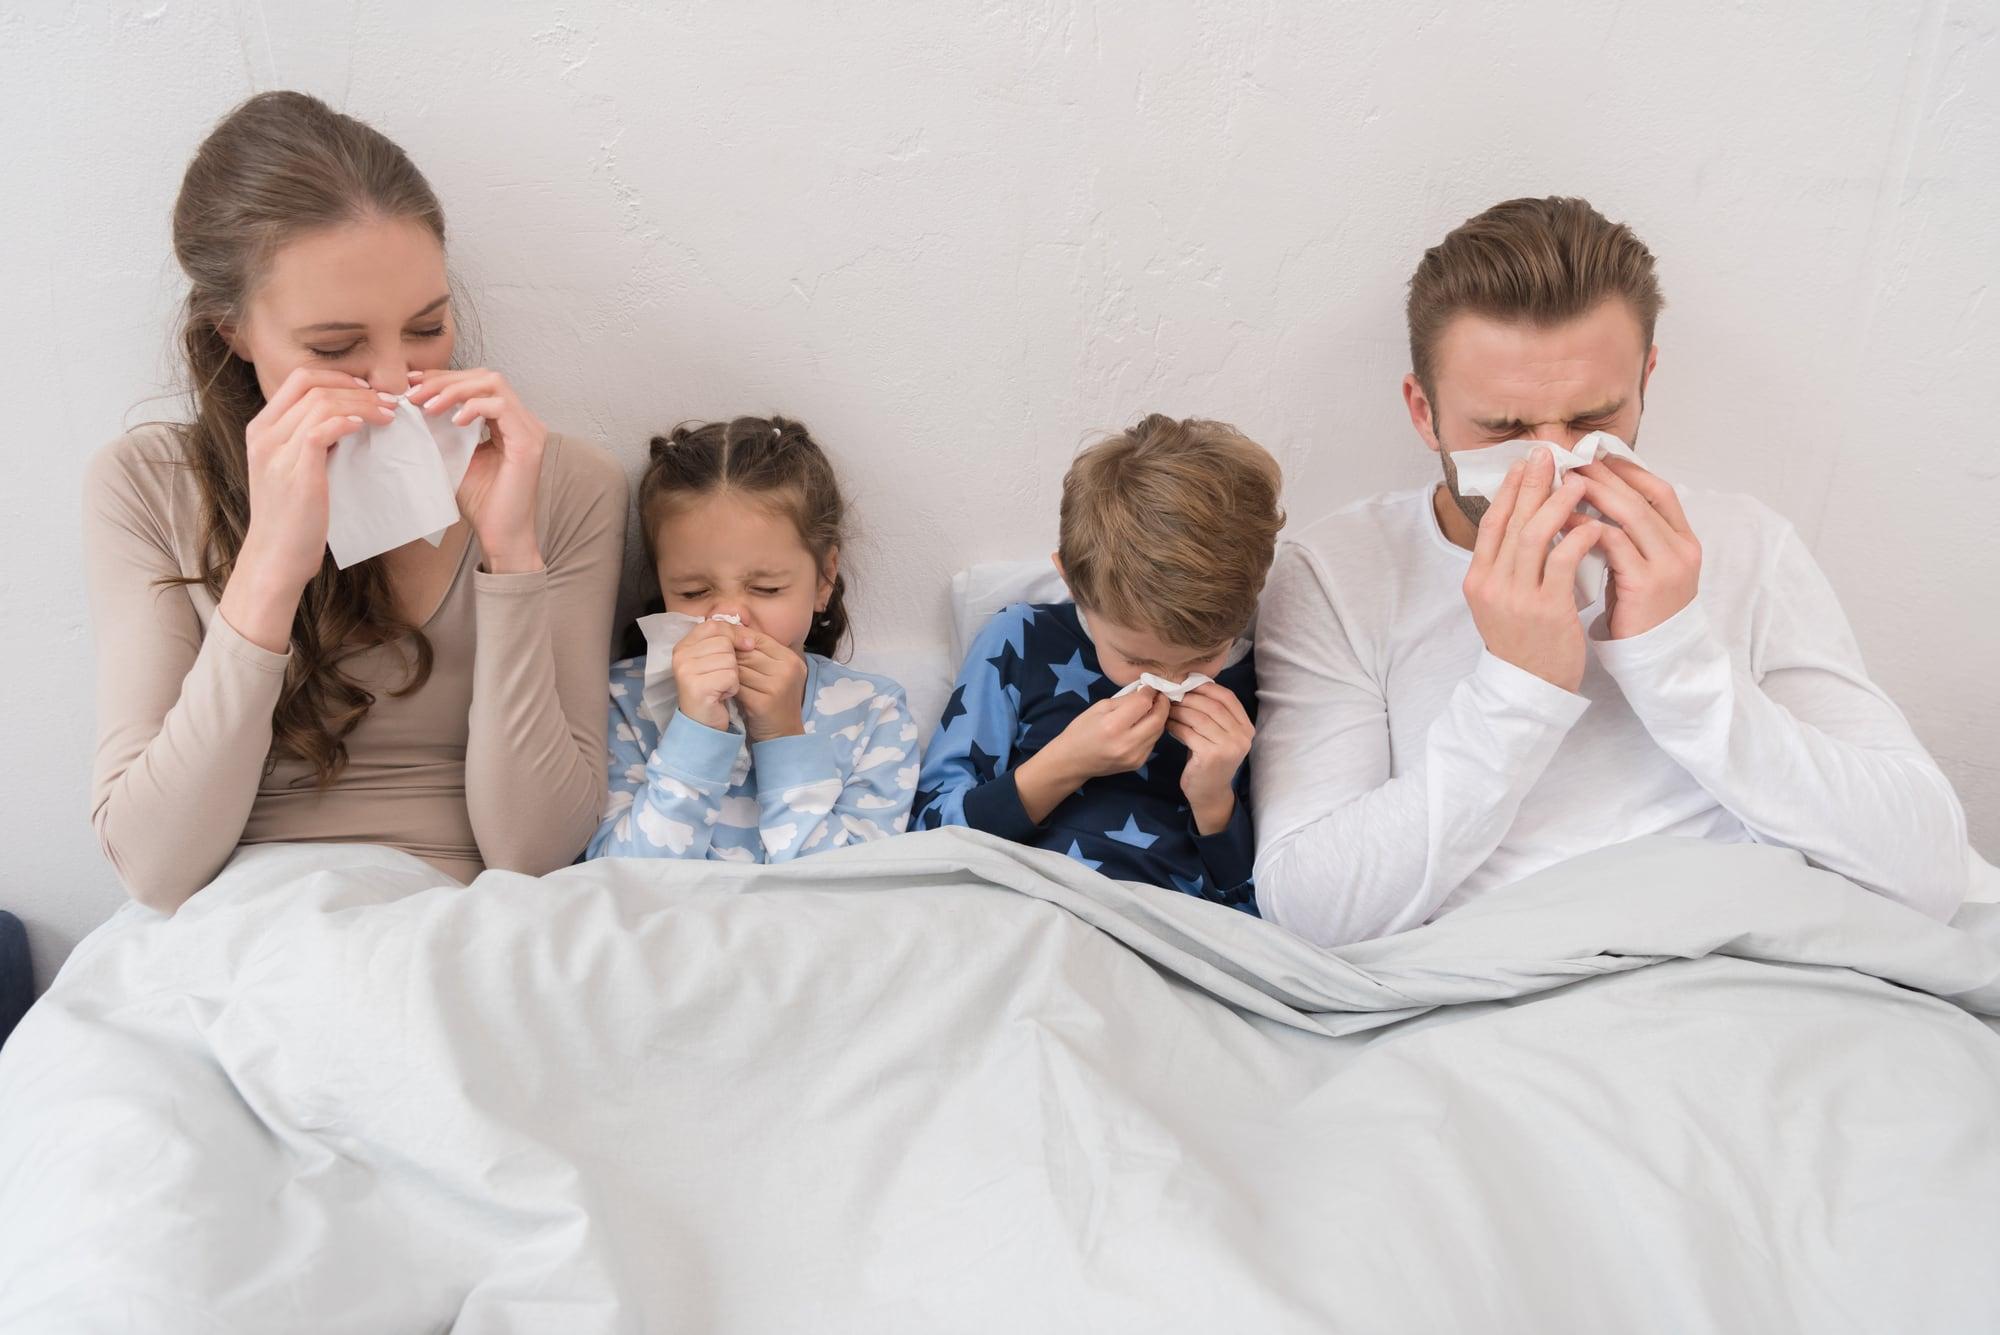 Family ill